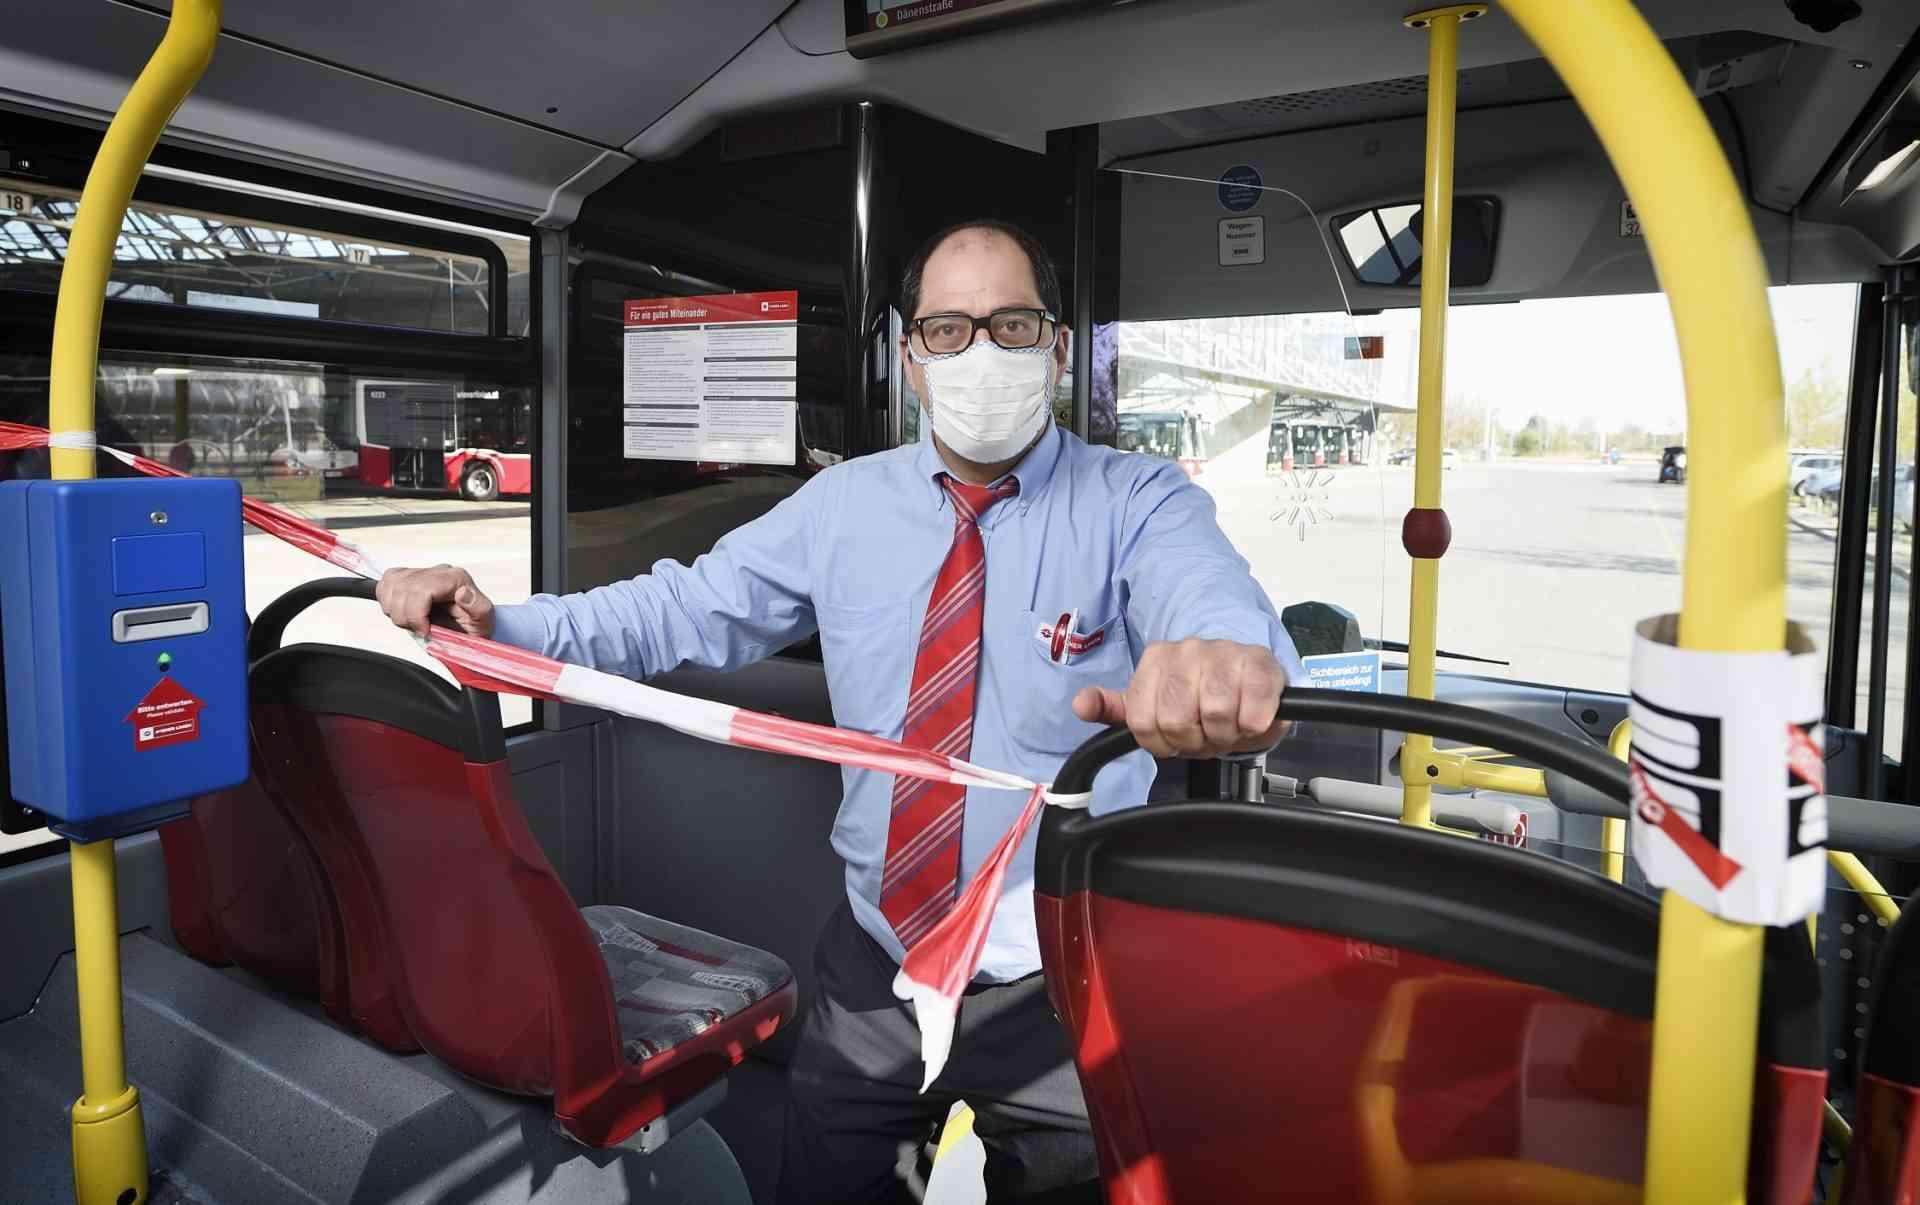 Im Krisenstab entschieden: Um die Ausbreitung der COVID-19 Erkrankung einzudämmen, werden in den Bussen der Wiener Linien besondere Schutzmaßnahmen getroffen.